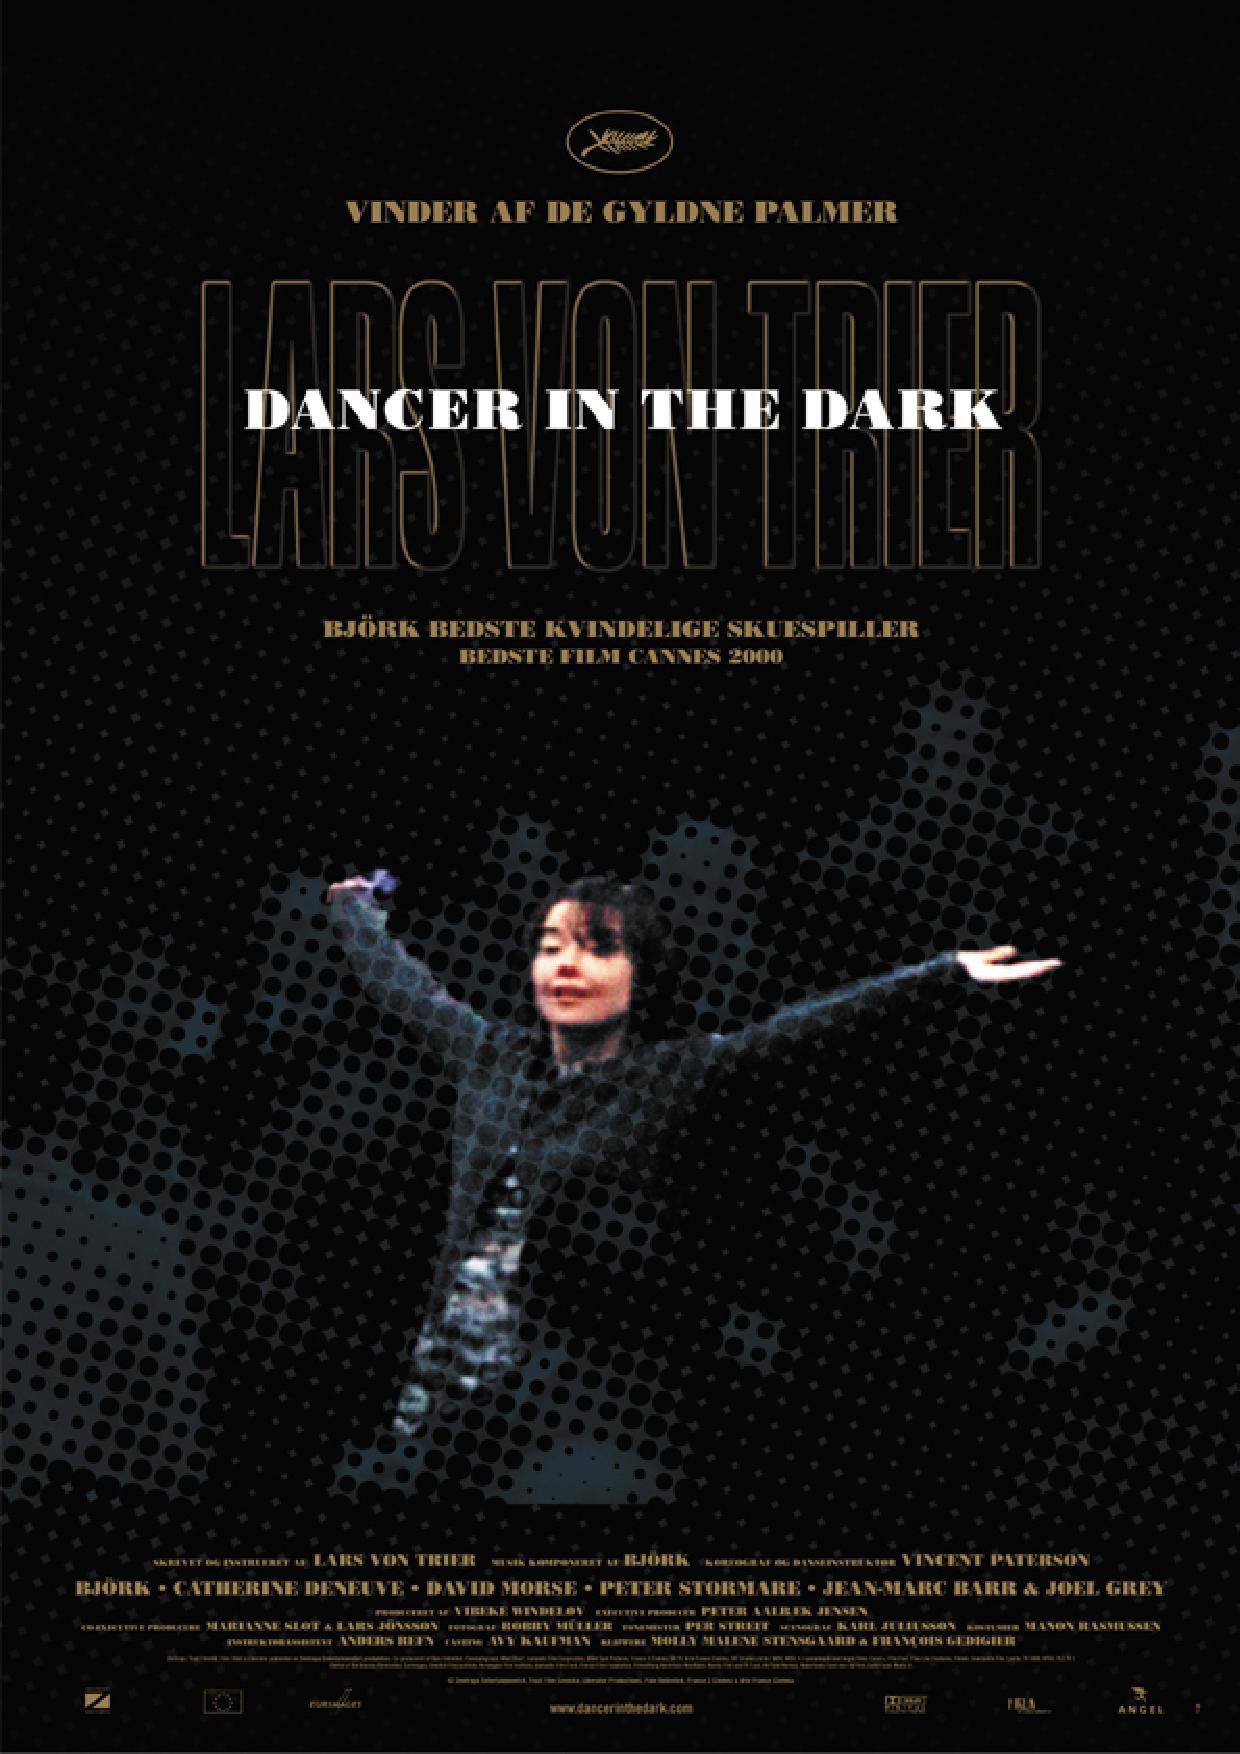 dancer_in_the_dark_inter-page-001.jpg